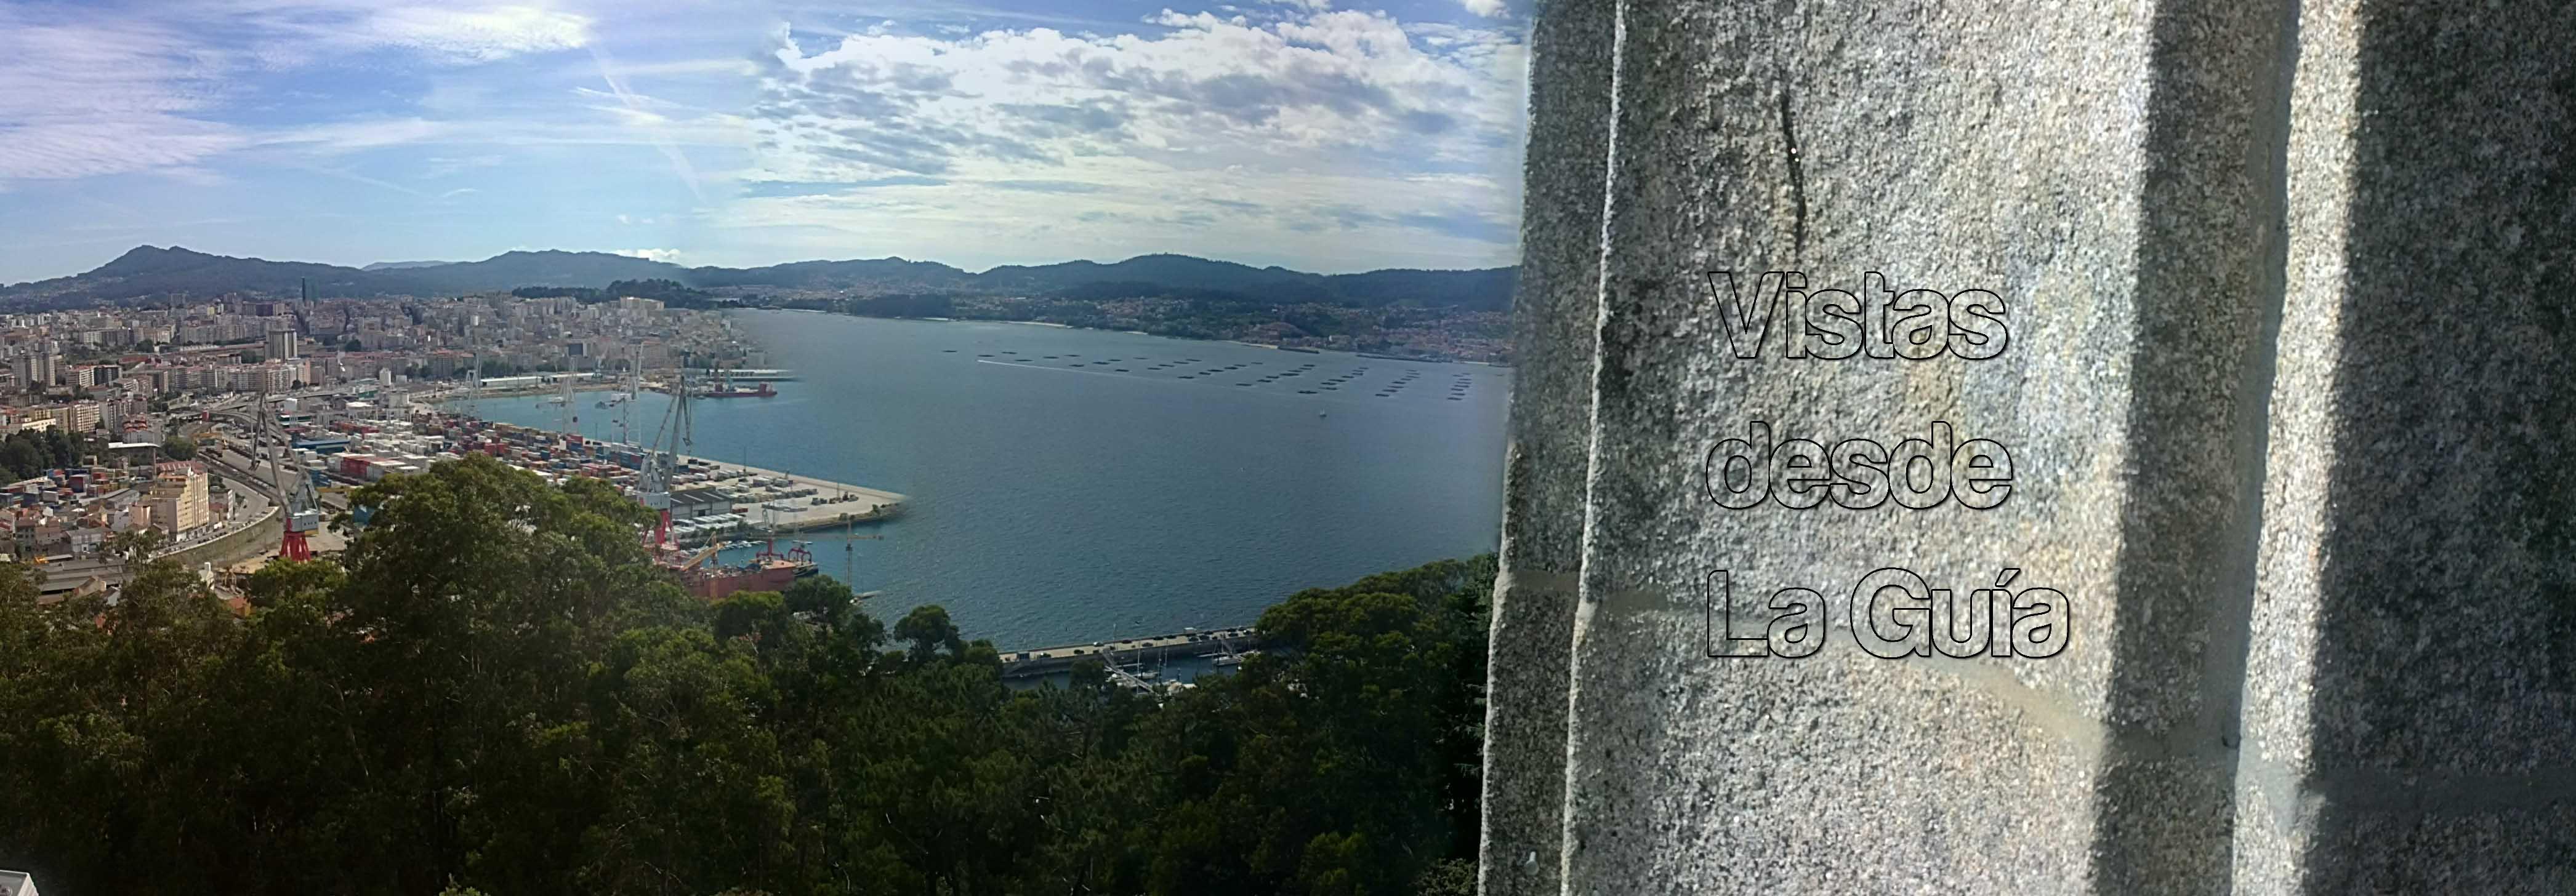 Vigo desde el Monte de A Guía